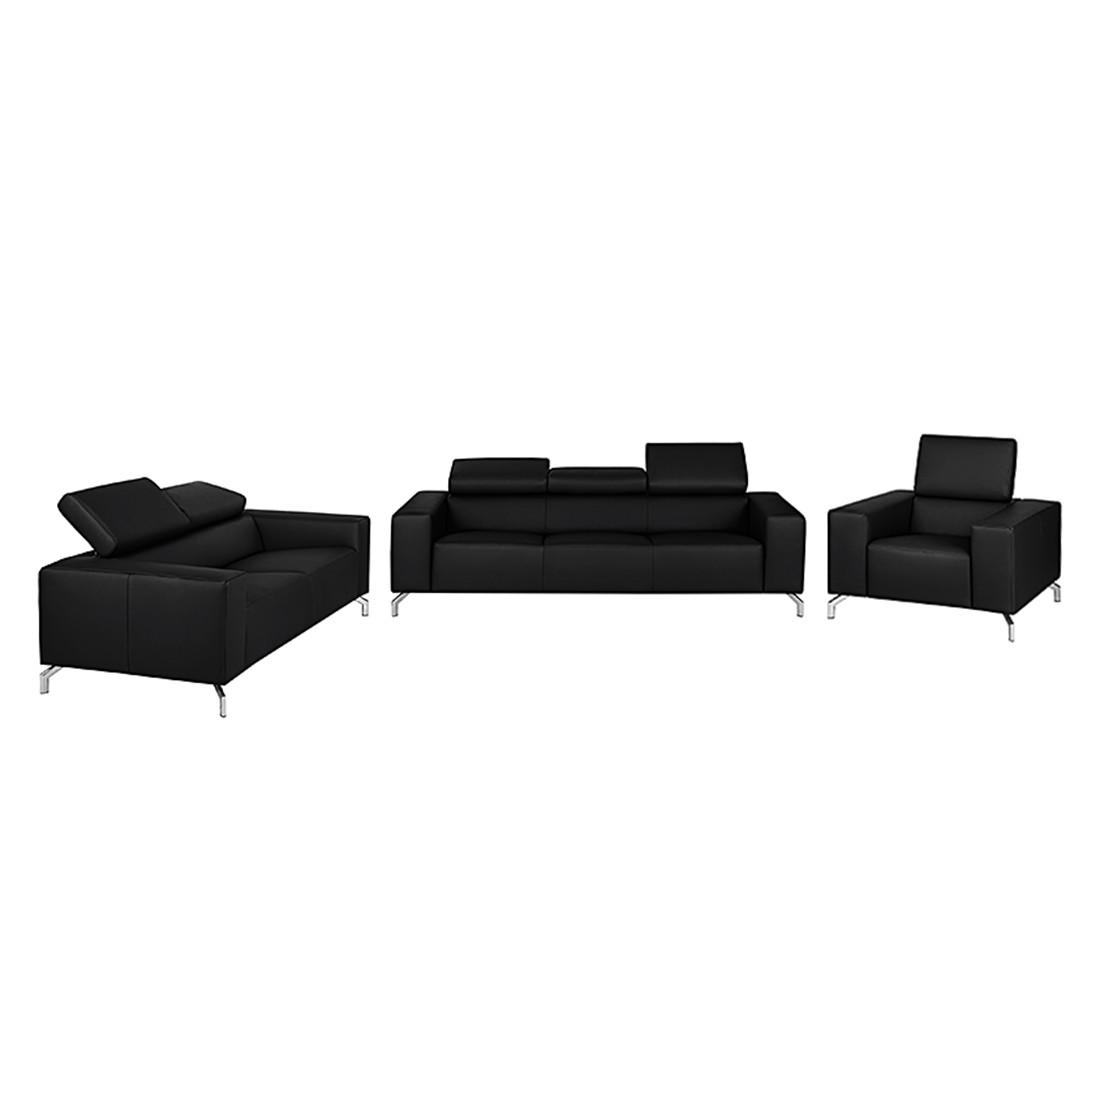 Canapé panoramique Varberg (3 -2 -1) - Cuir véritable noir, loftscape